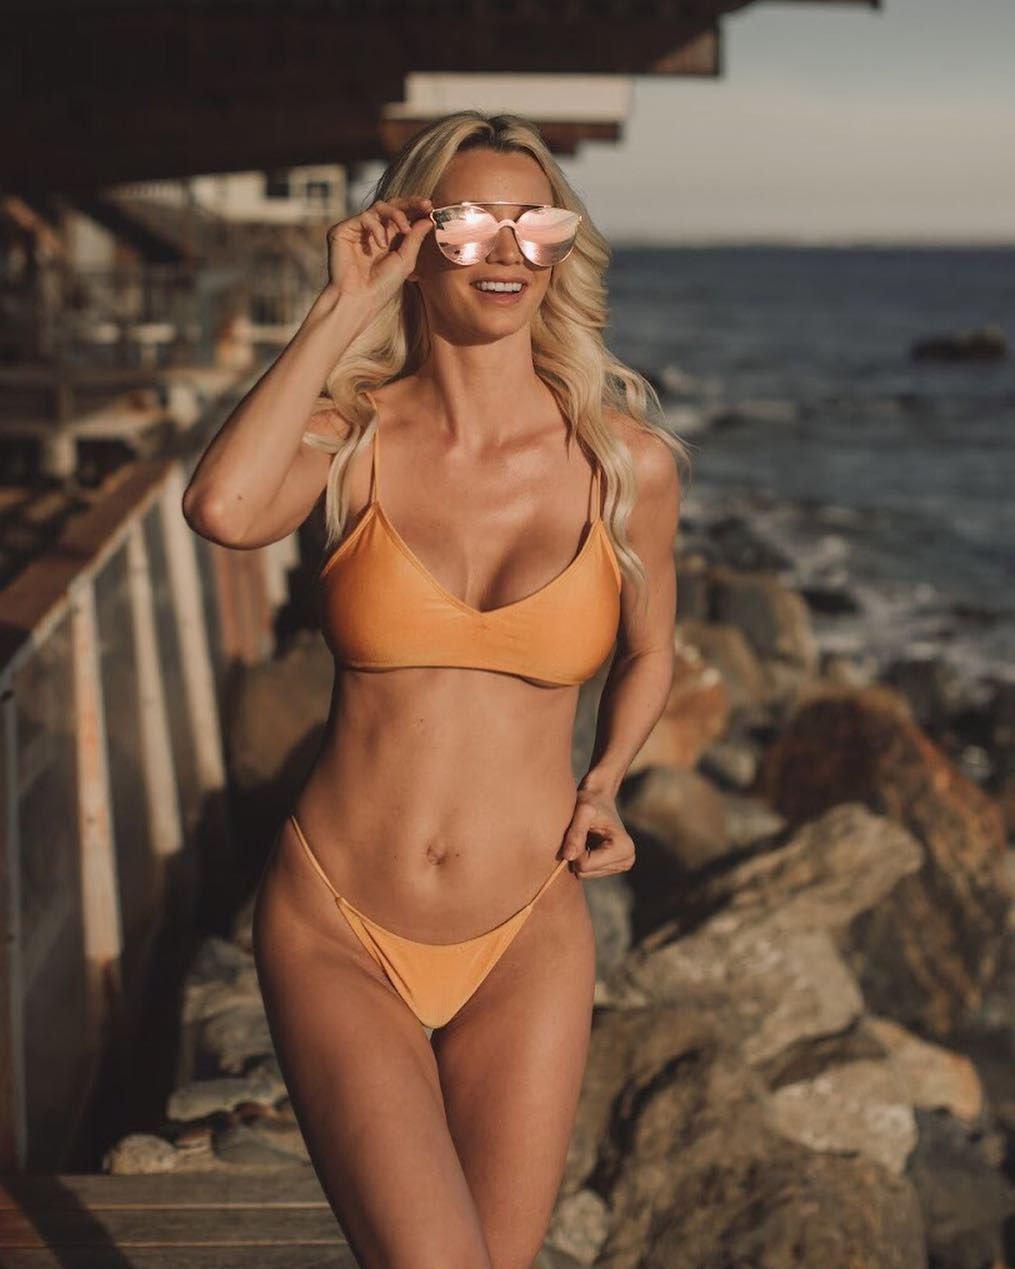 Hot Nude Modeling In San Diego Jpg